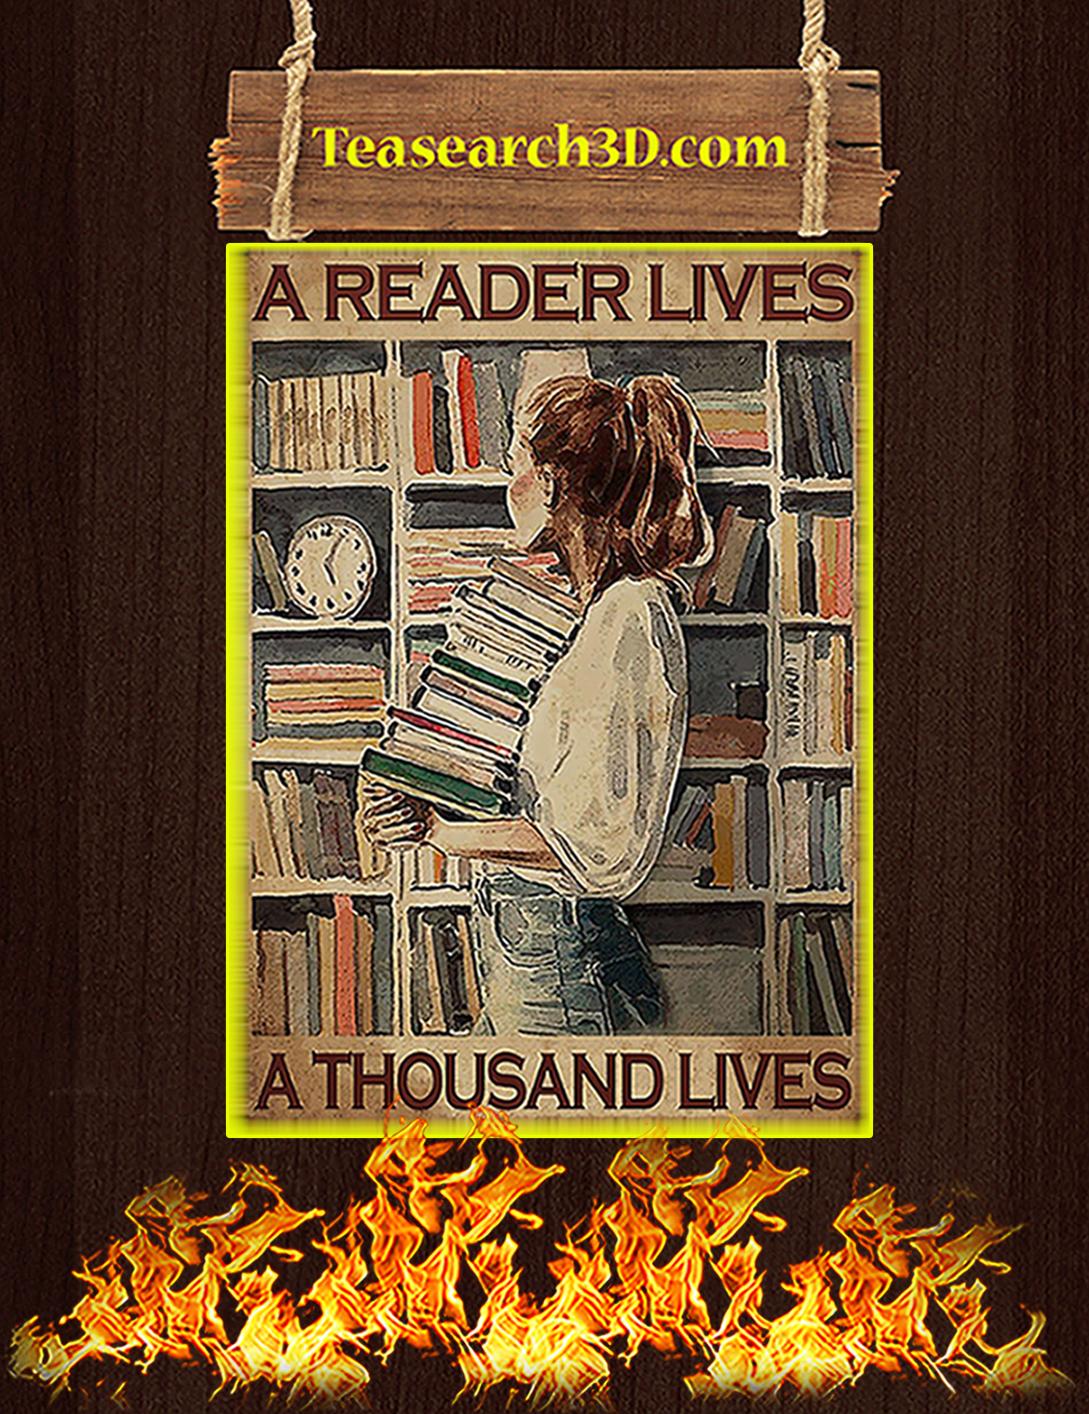 A reader lives a thousand lives poster A2